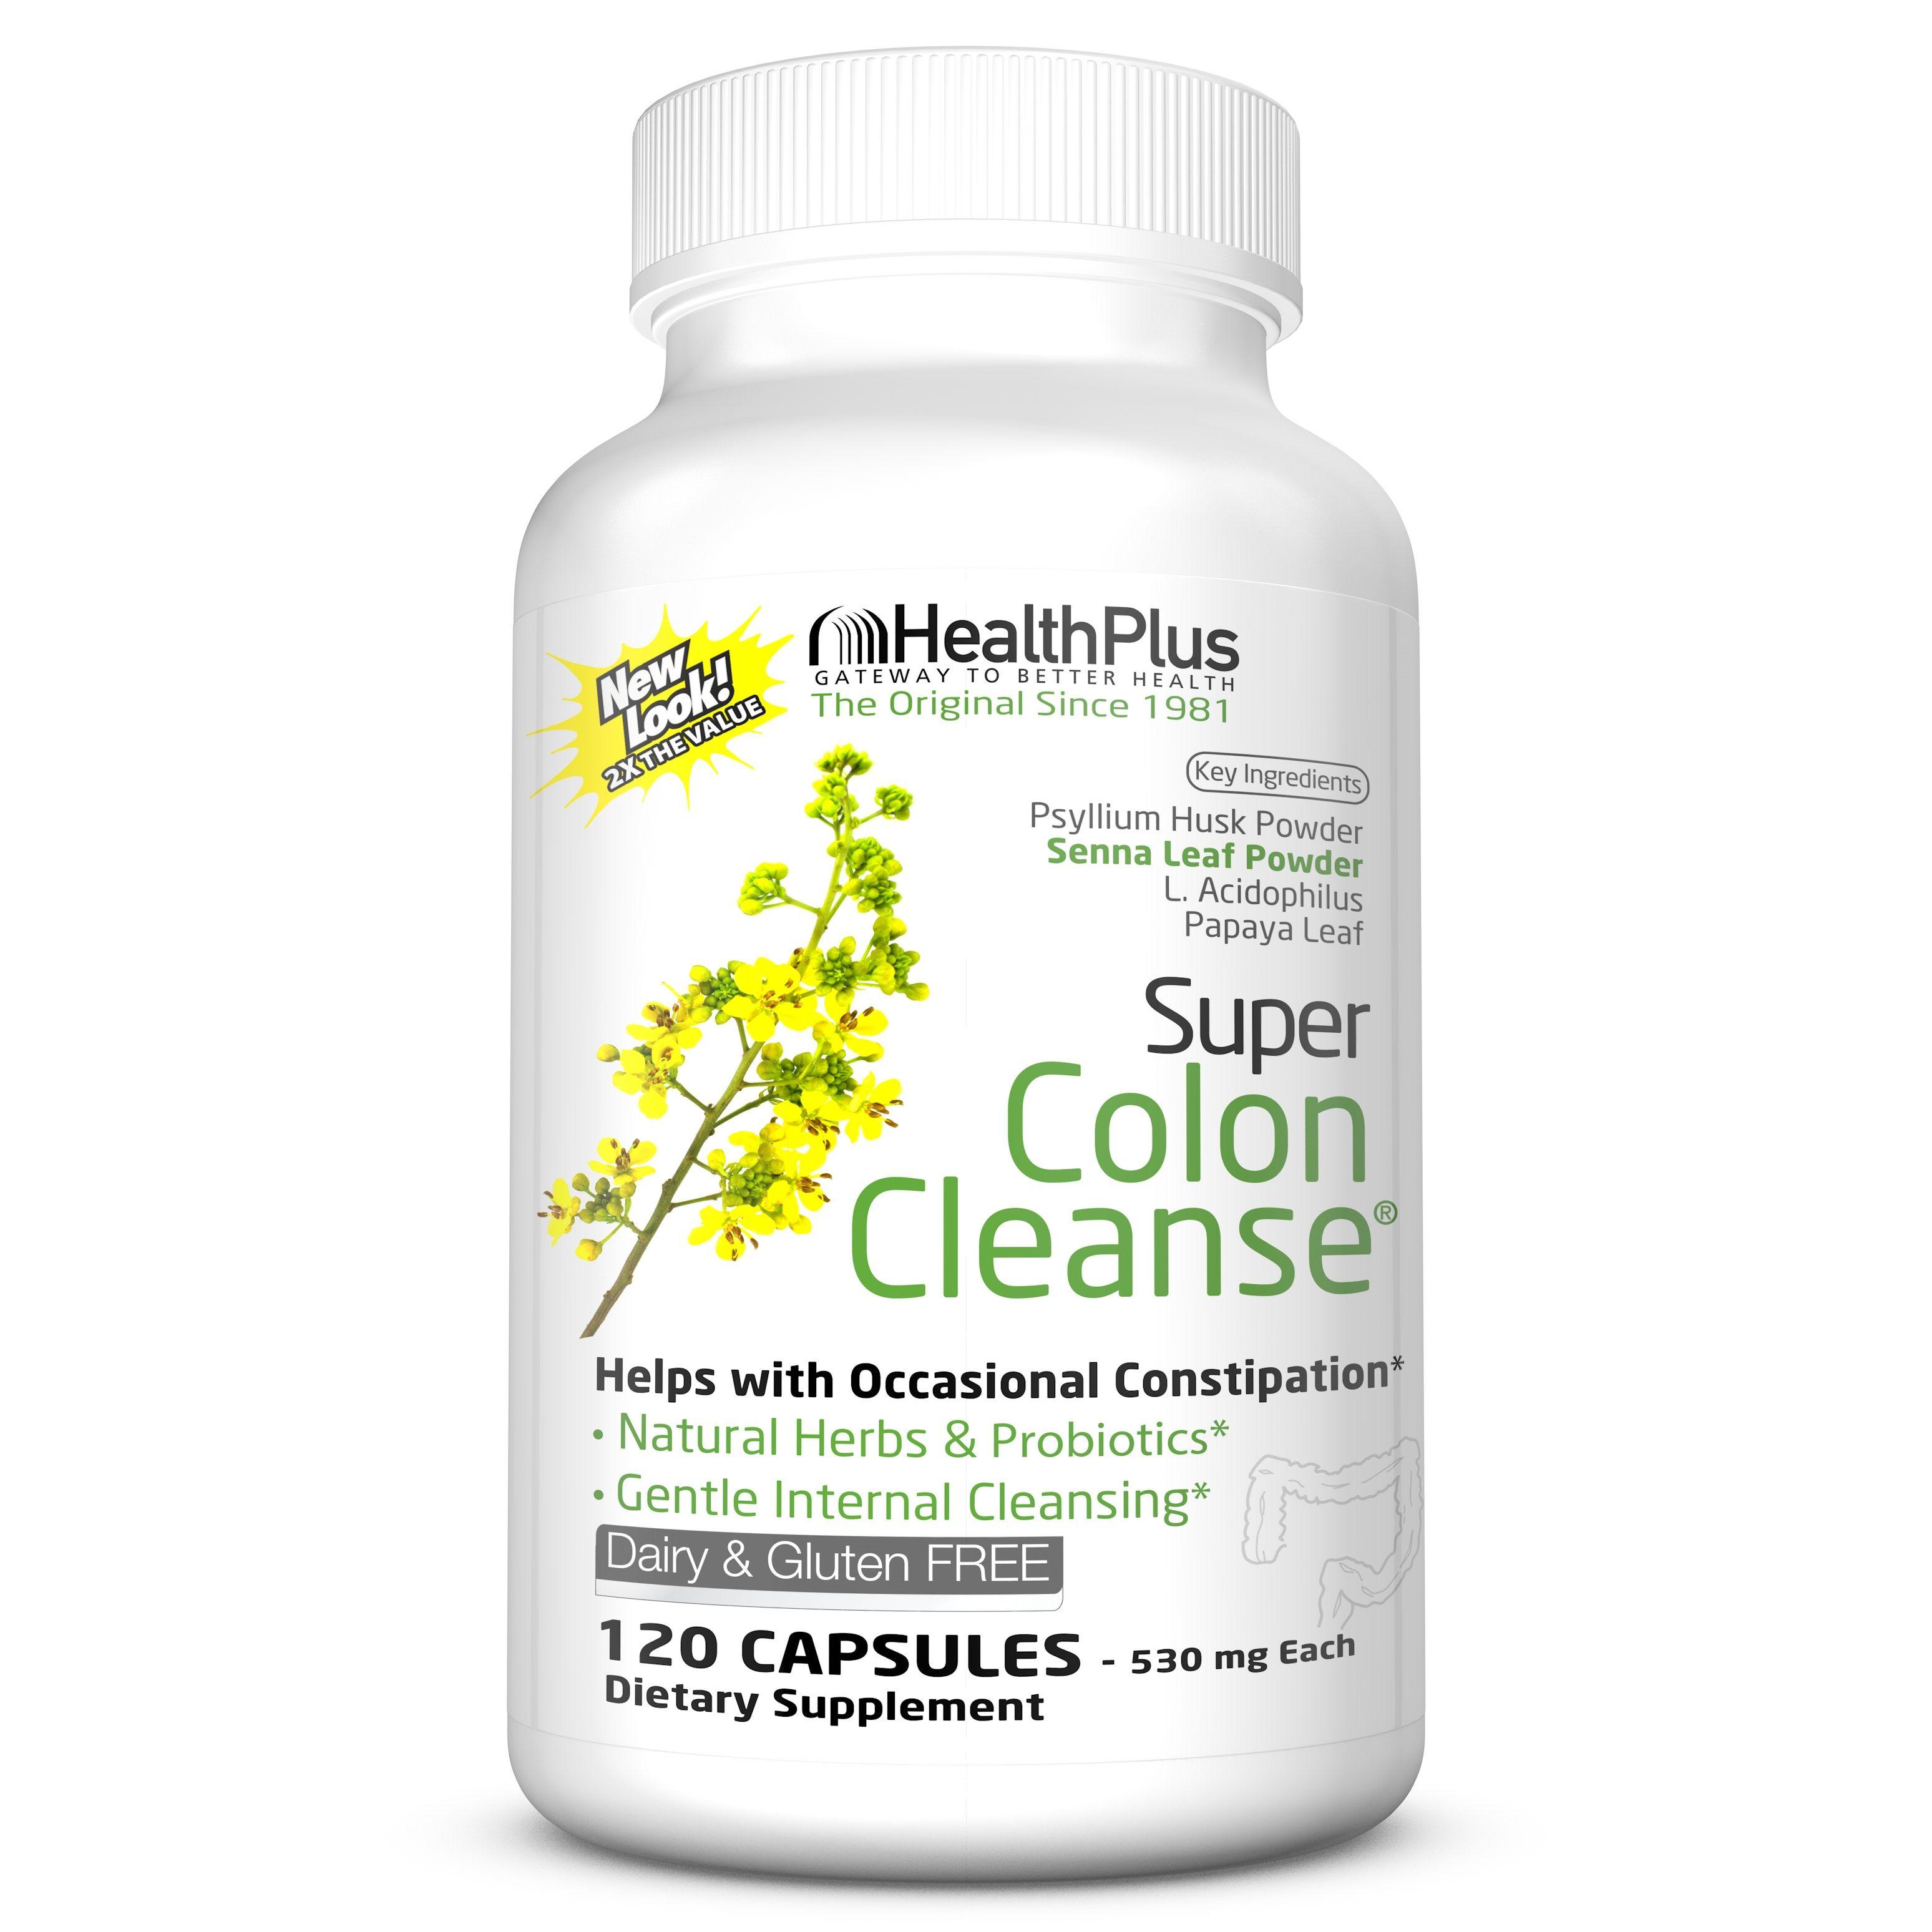 Health Plus Super Colon Cleanse 120 Capsules 60 Servings Walmart Com Colon Cleanse Detox Colon Cleanse Pills Detox Cleanse